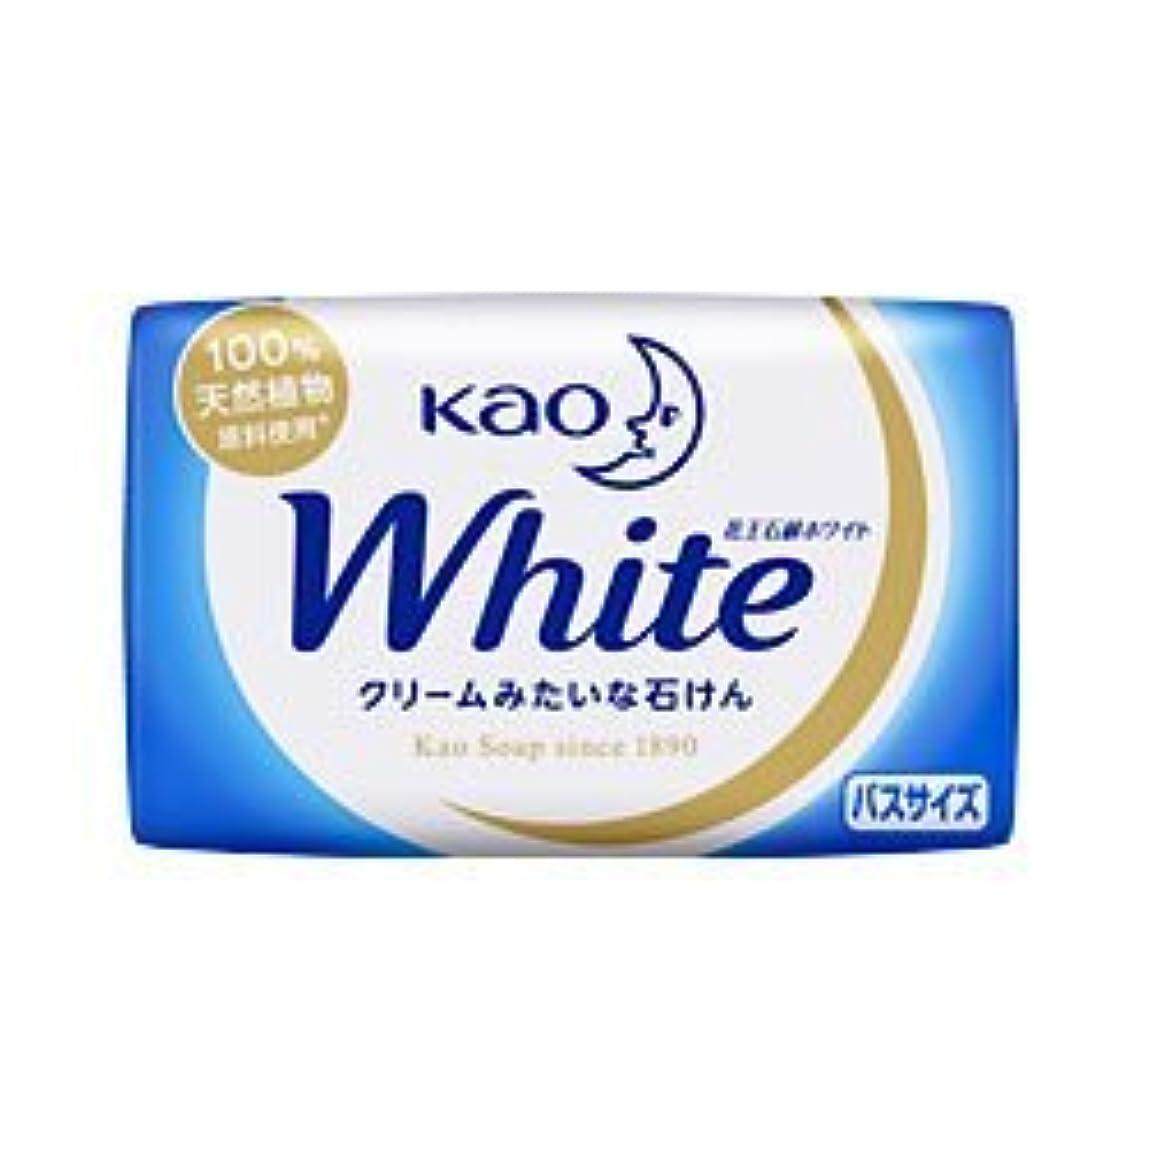 加速する使用法ローラー【花王】花王ホワイト バスサイズ 1個 130g ×10個セット